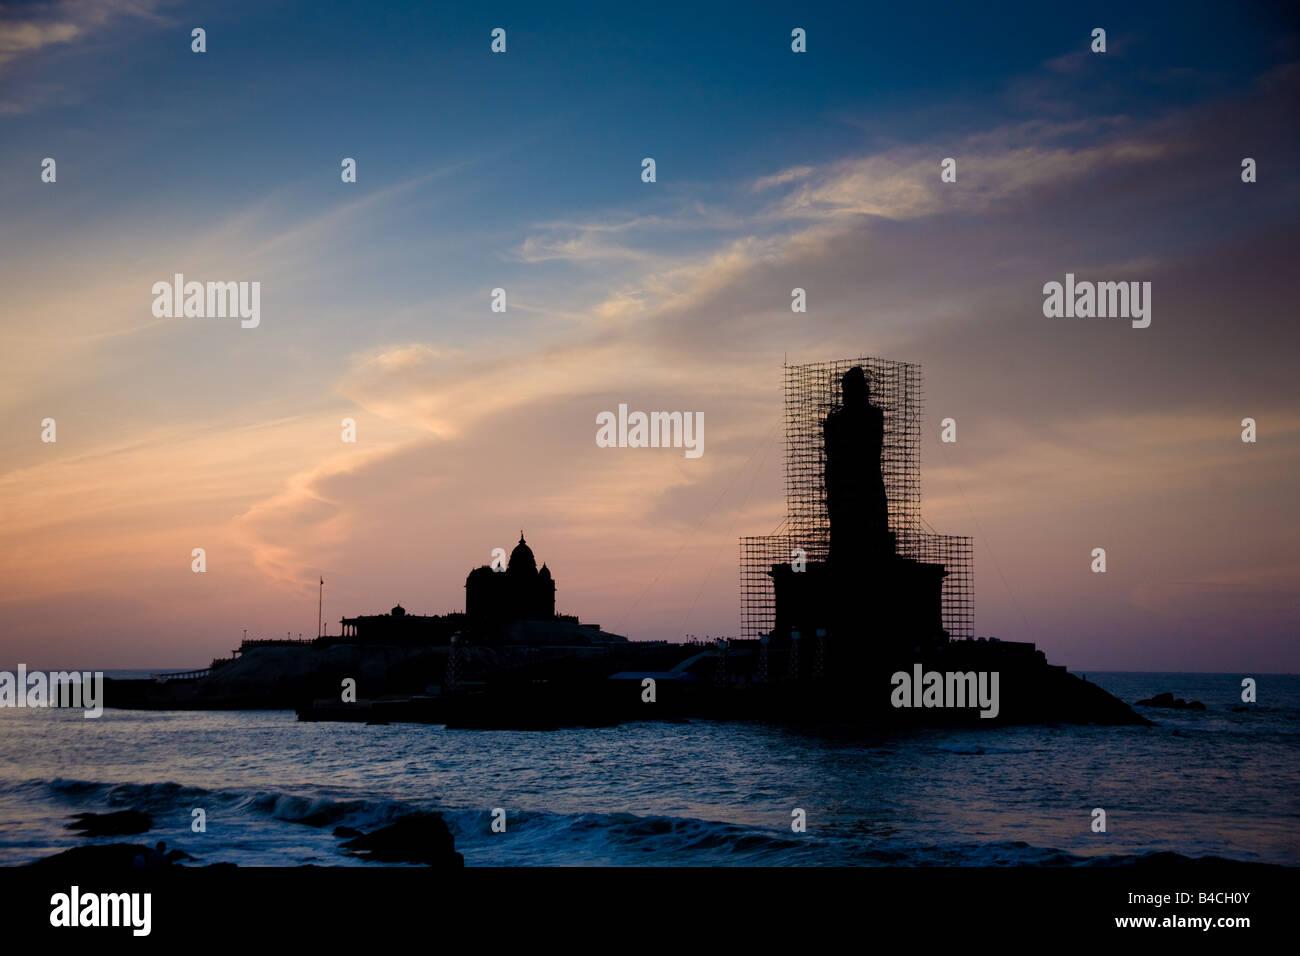 Vivekananda Rock at Dawn - Stock Image